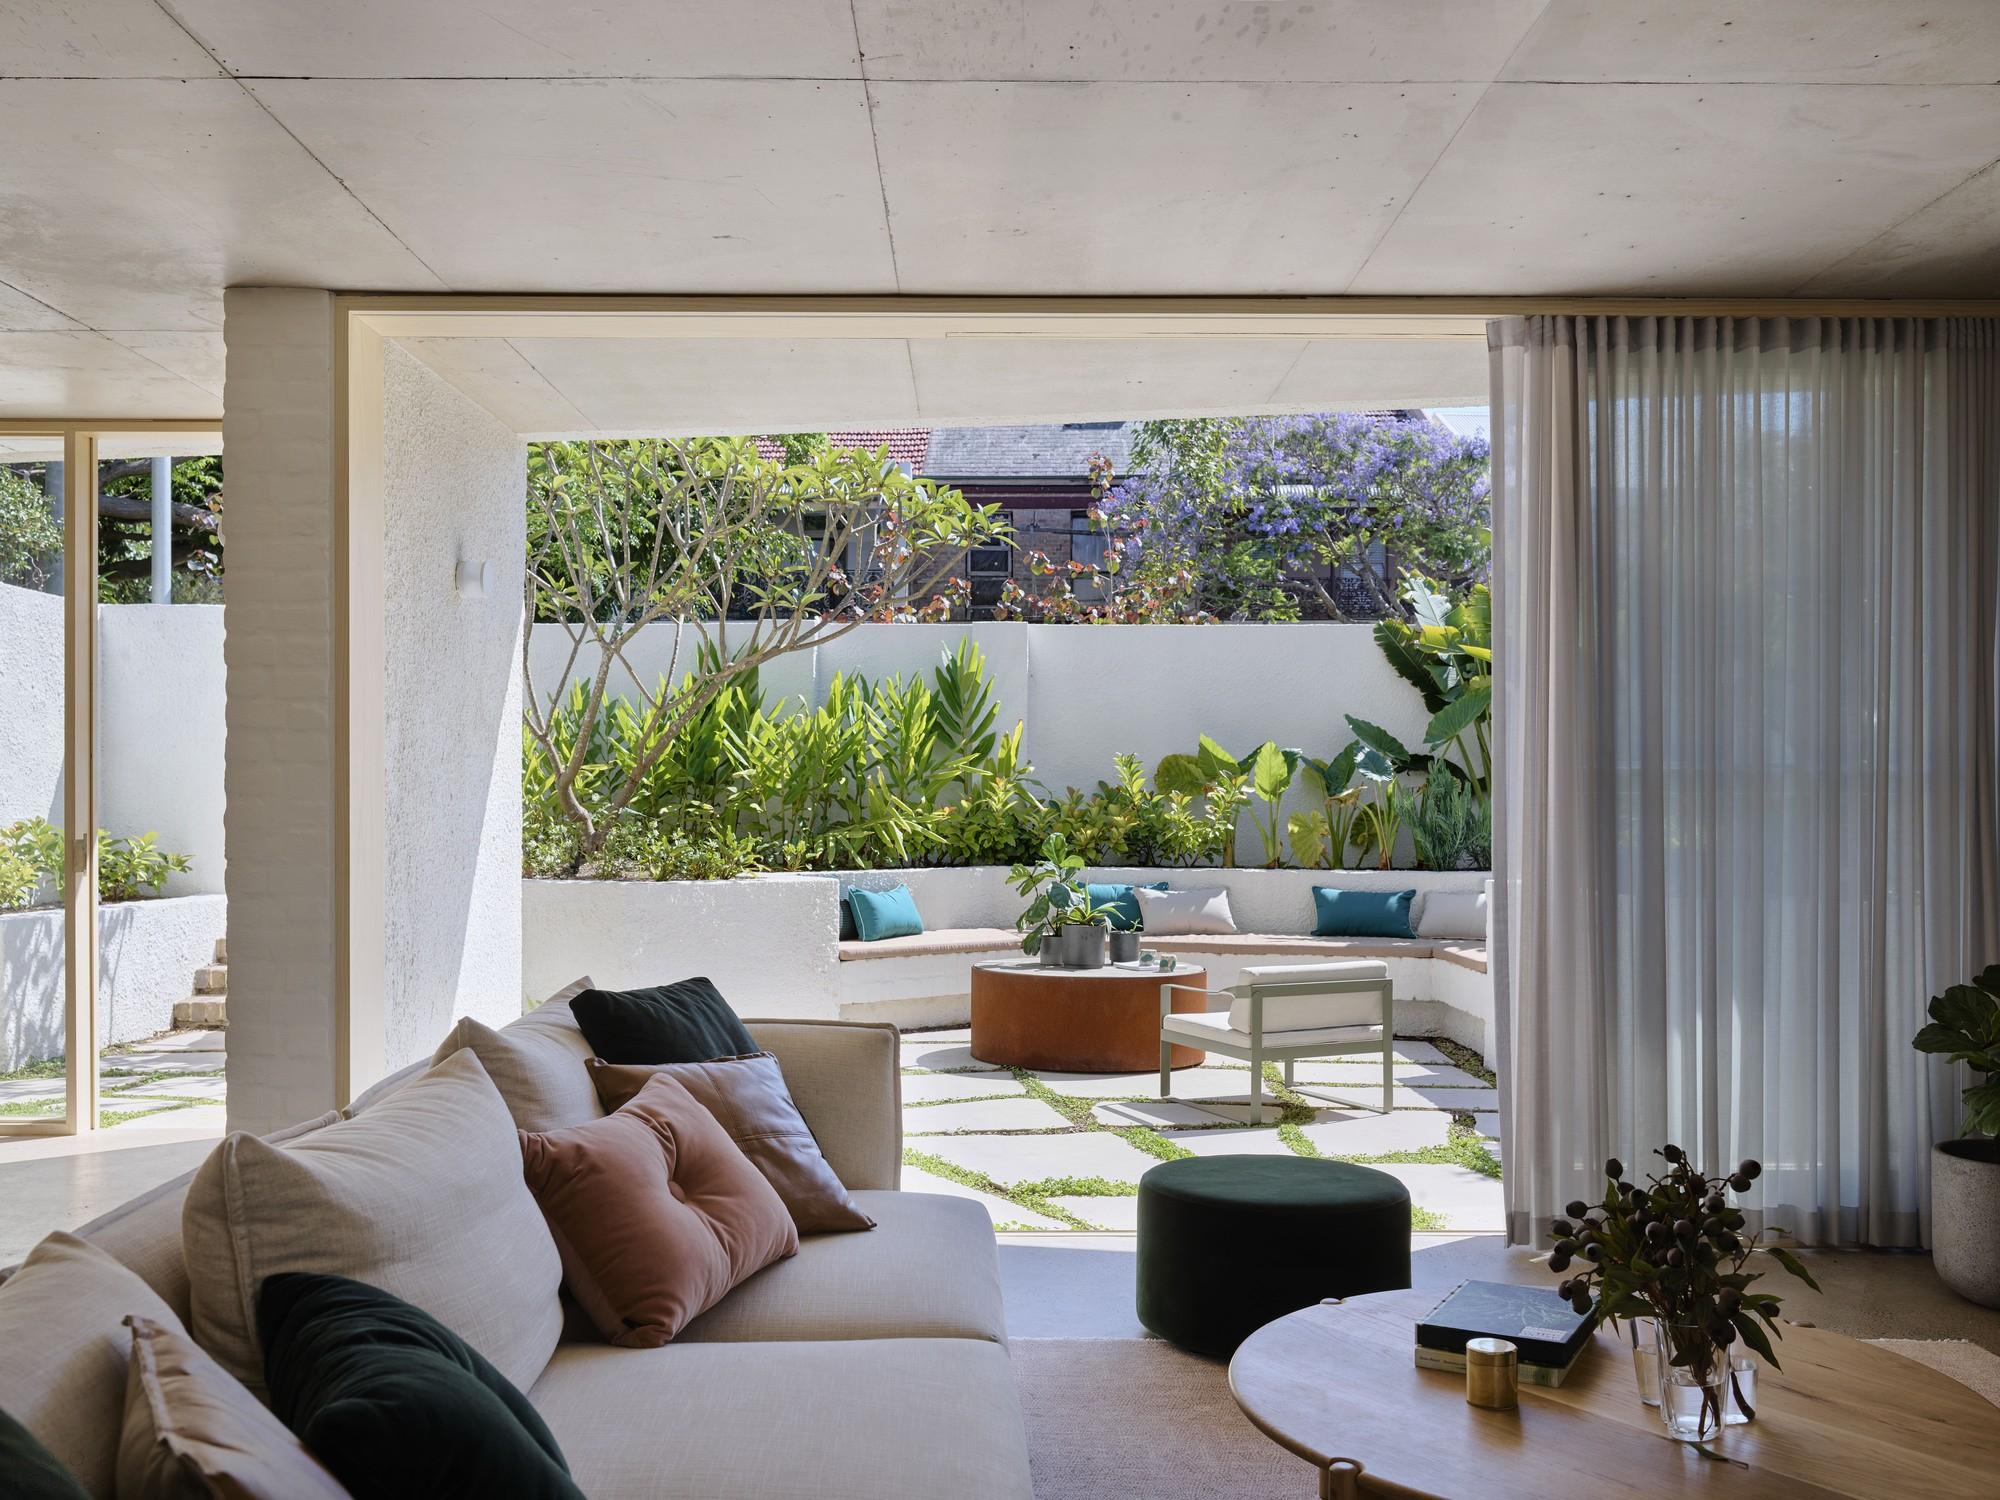 Собственный дом архитектора с экологически устойчивым дизайном